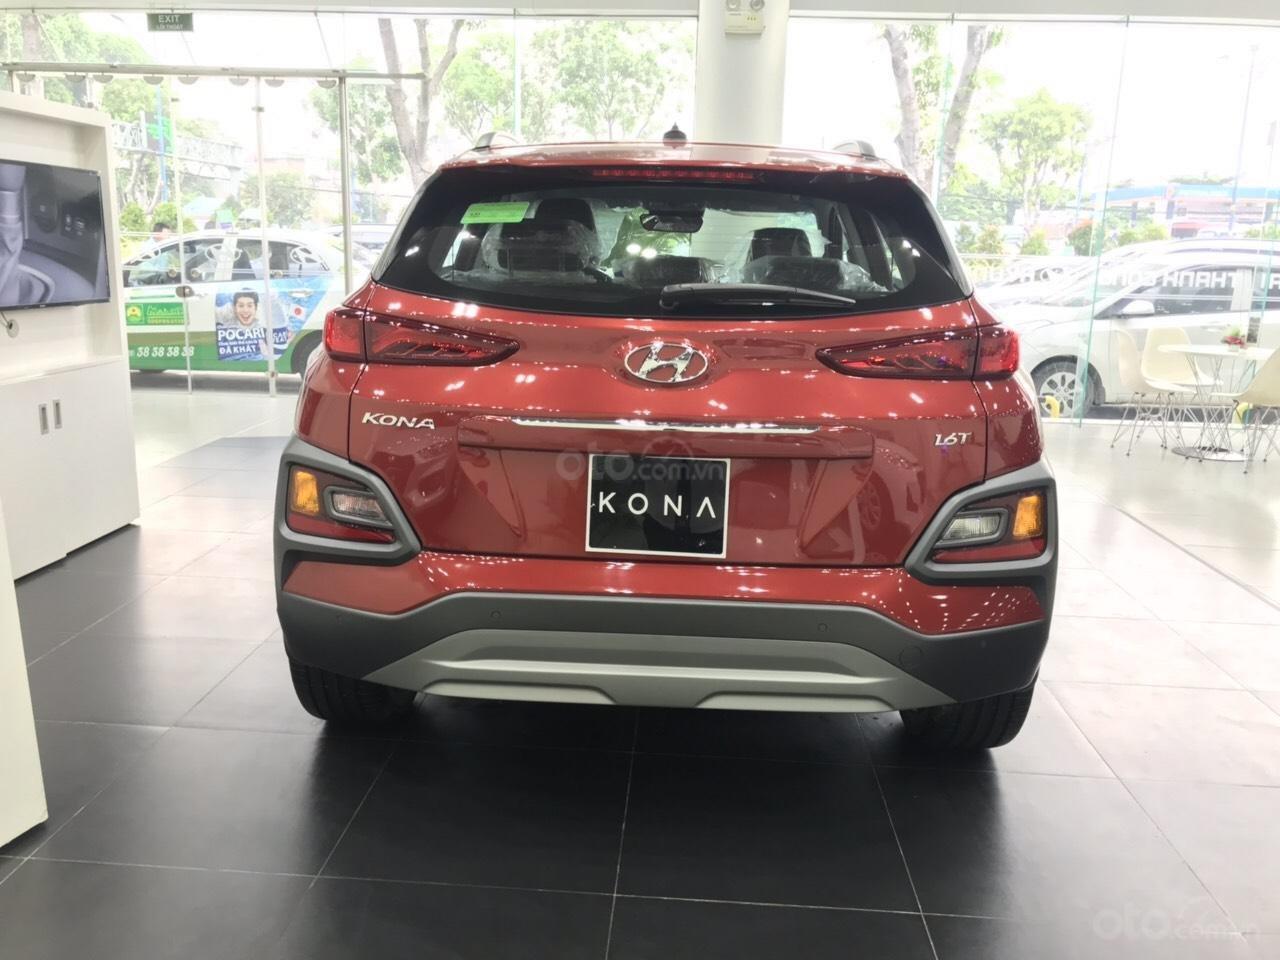 Hyundai An Phú bán Hyundai Kona giá tốt, hỗ trợ trả góp lãi suất ưu đãi, liên hệ Mr Nghĩa 0902870848 để được hỗ trợ (4)